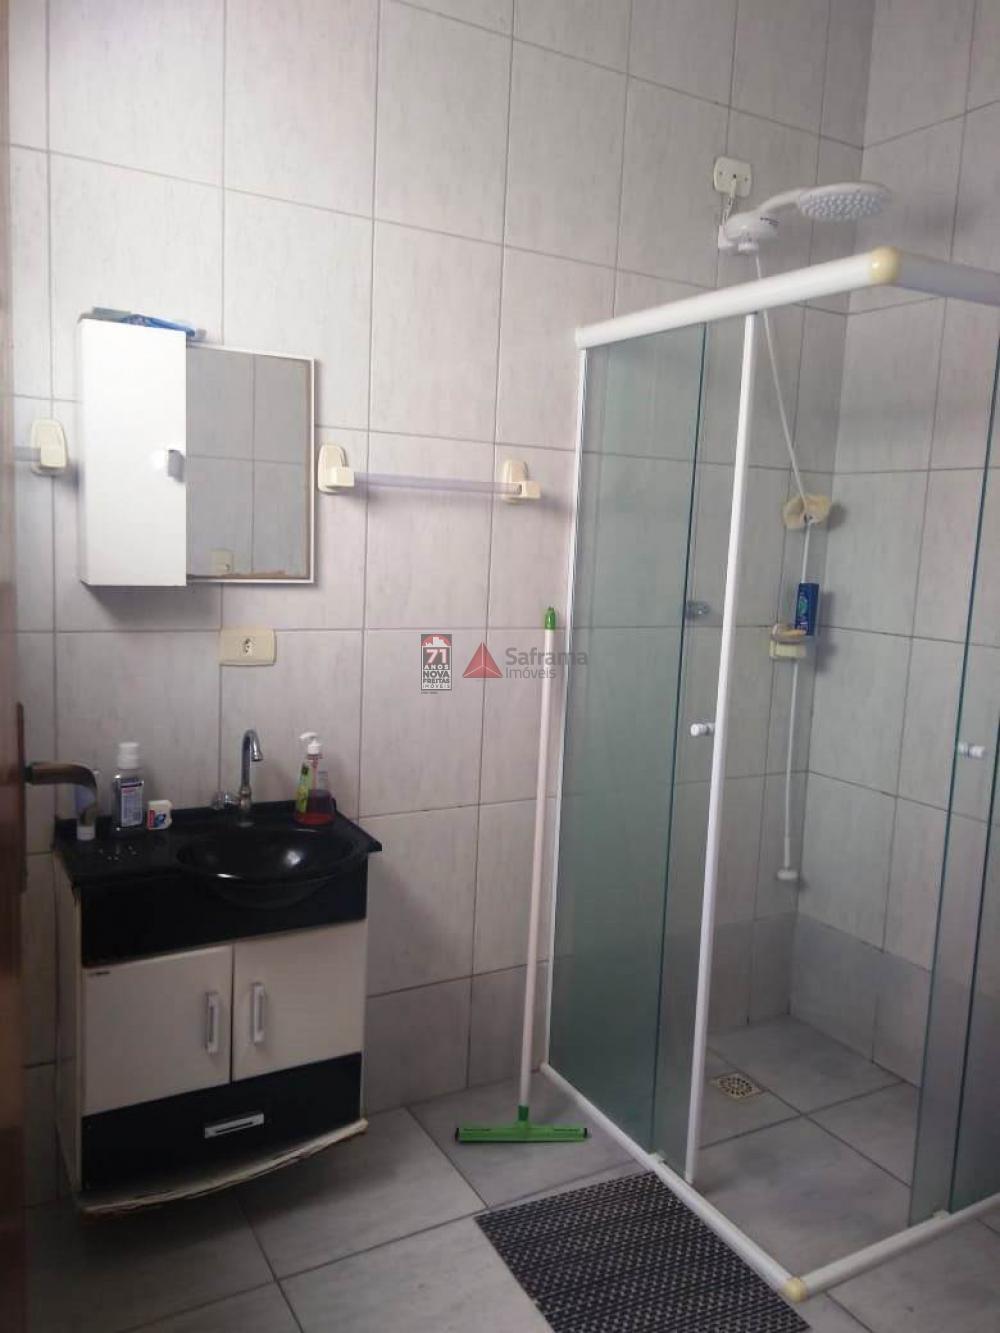 Comprar Casa / Padrão em Pindamonhangaba apenas R$ 330.000,00 - Foto 11